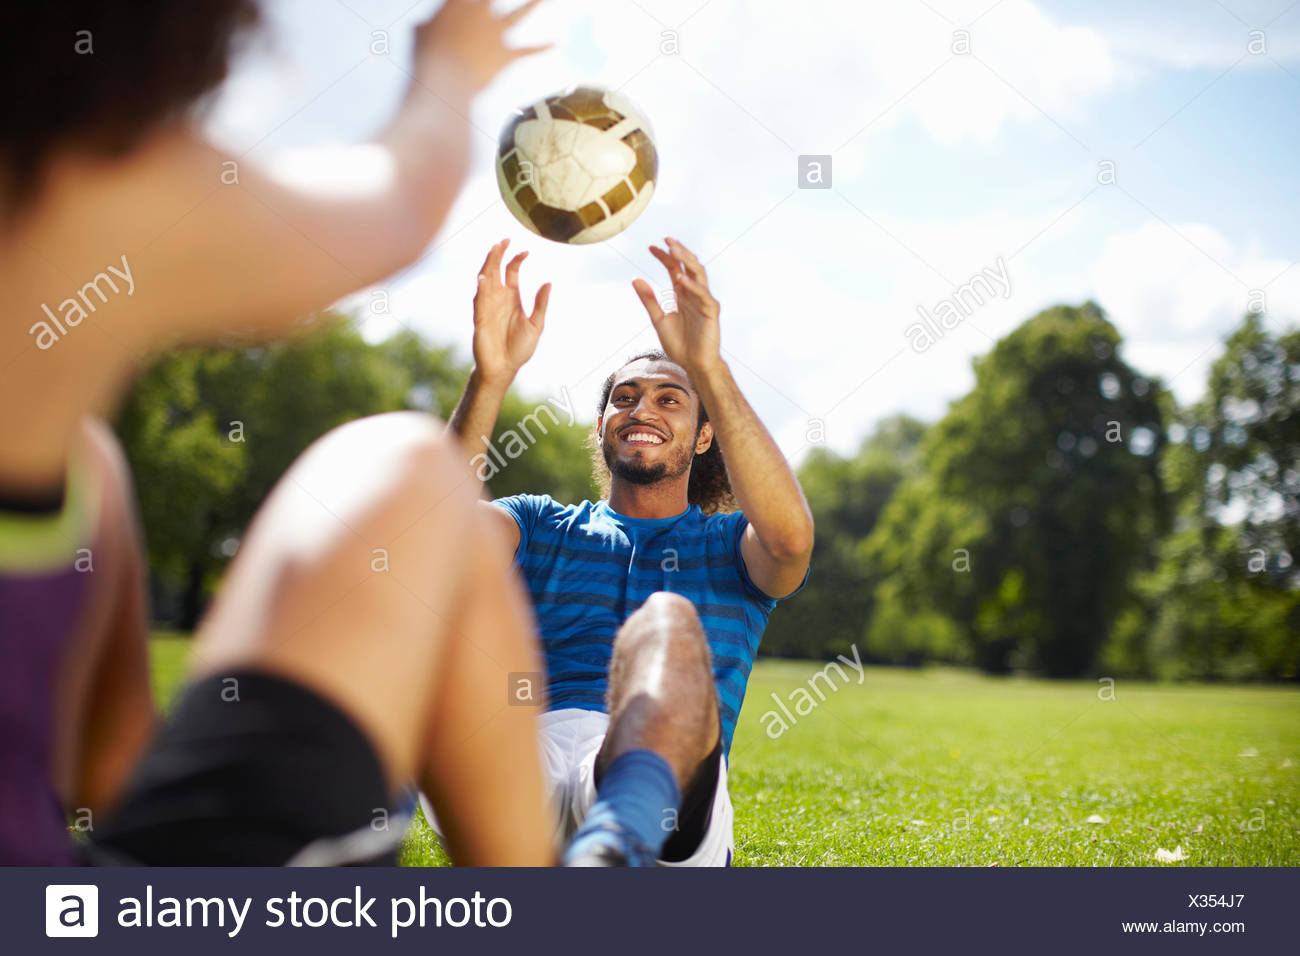 Coppia giovane formazione con pallone da calcio in posizione di parcheggio Immagini Stock